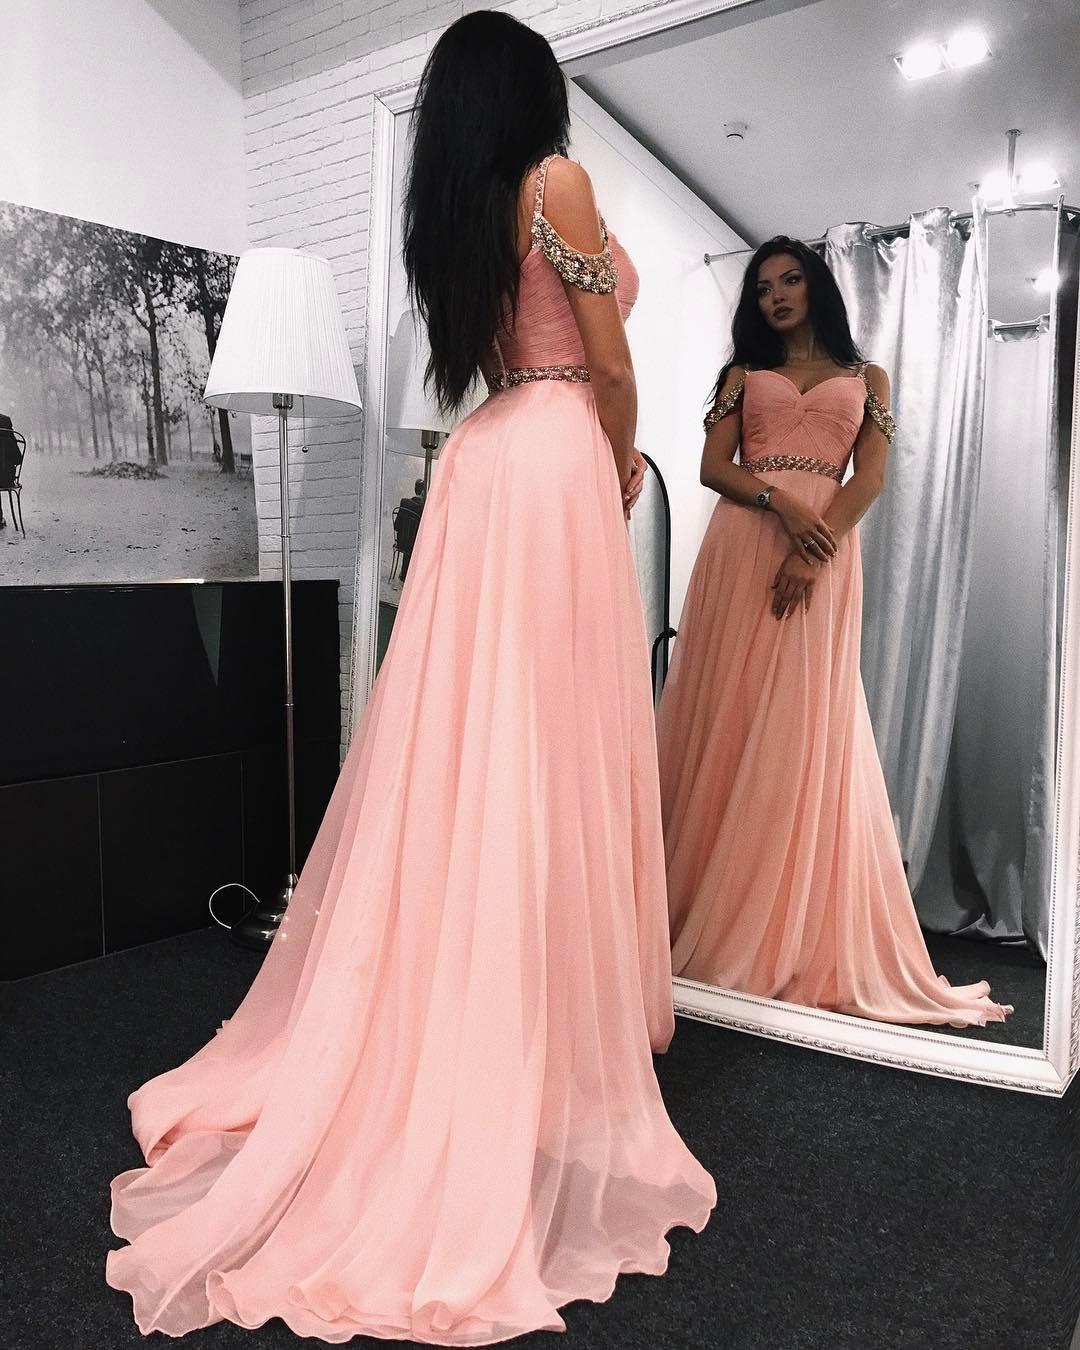 Formal Leicht Rosa Abend Kleider Galerie20 Elegant Rosa Abend Kleider Spezialgebiet